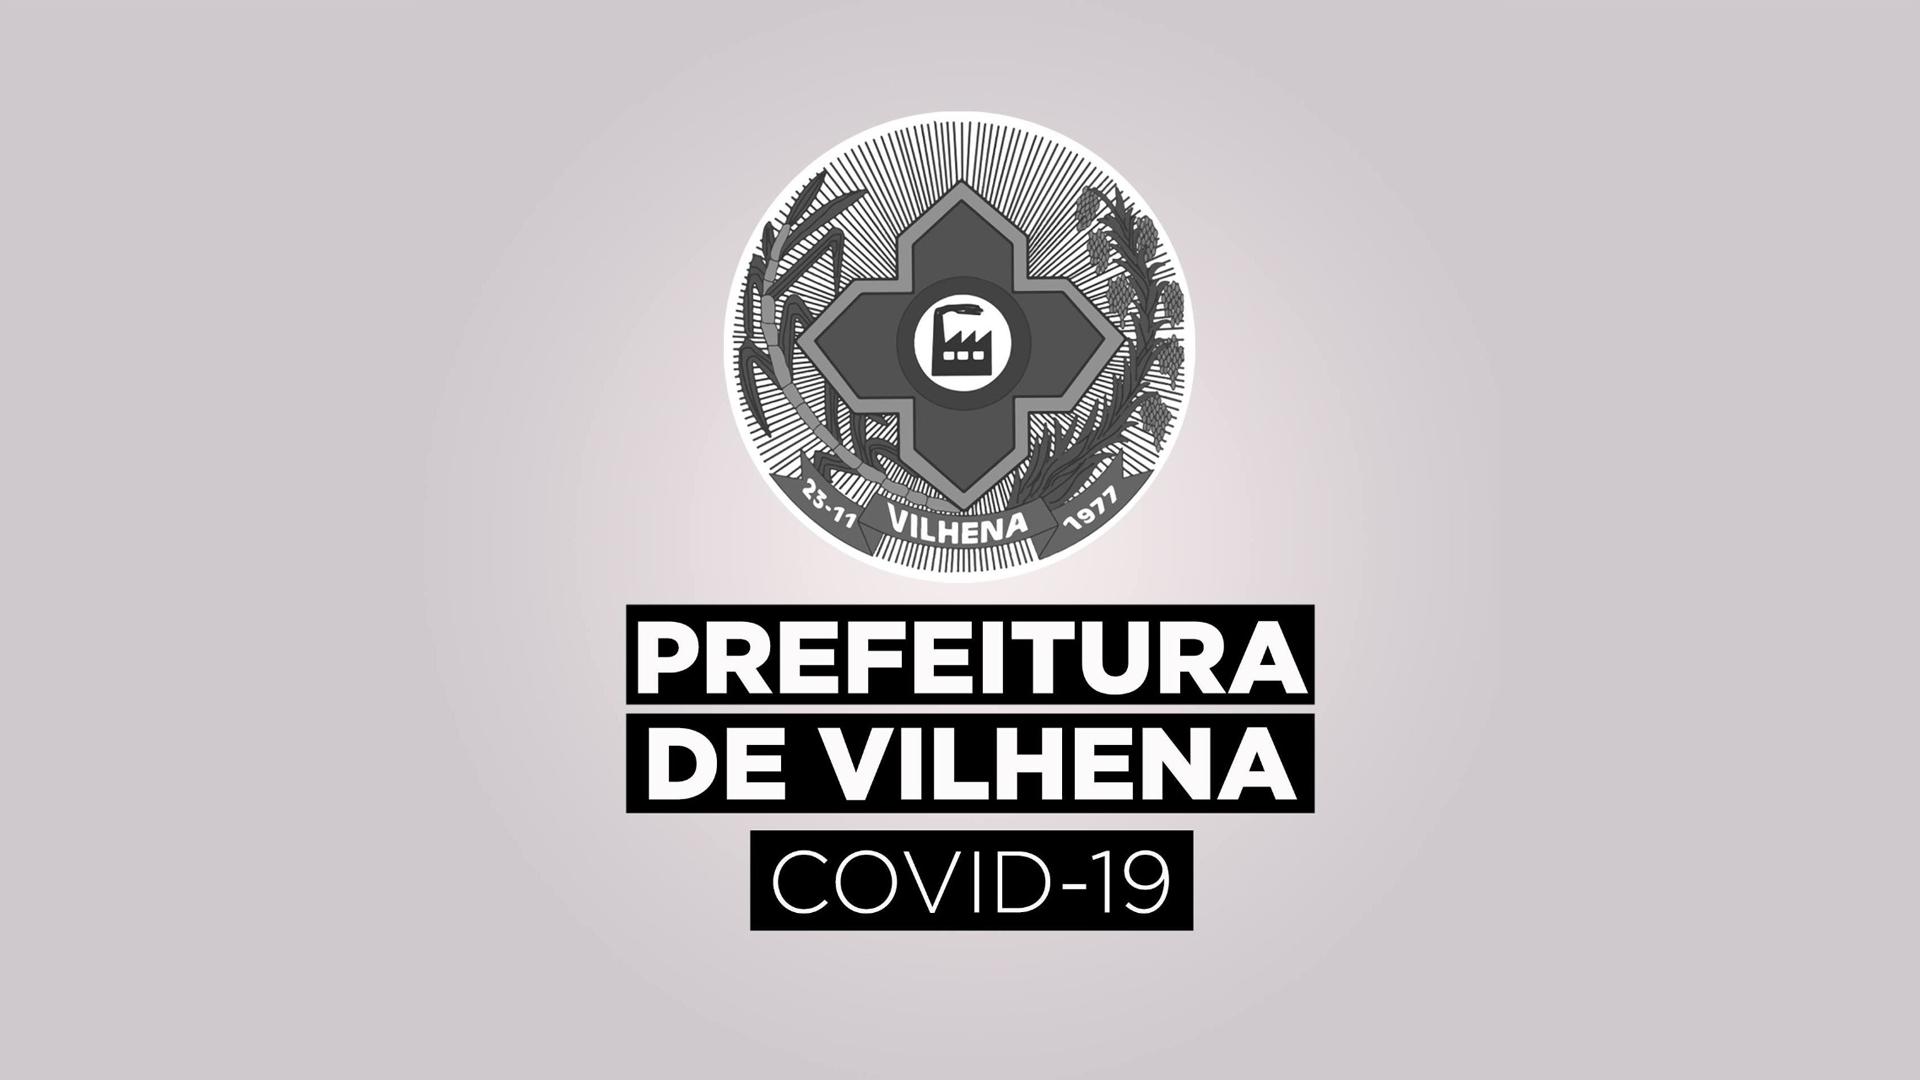 BOLETIM PMV Nº 183 - 14/09/20 - CORONAVÍRUS (COVID-19)